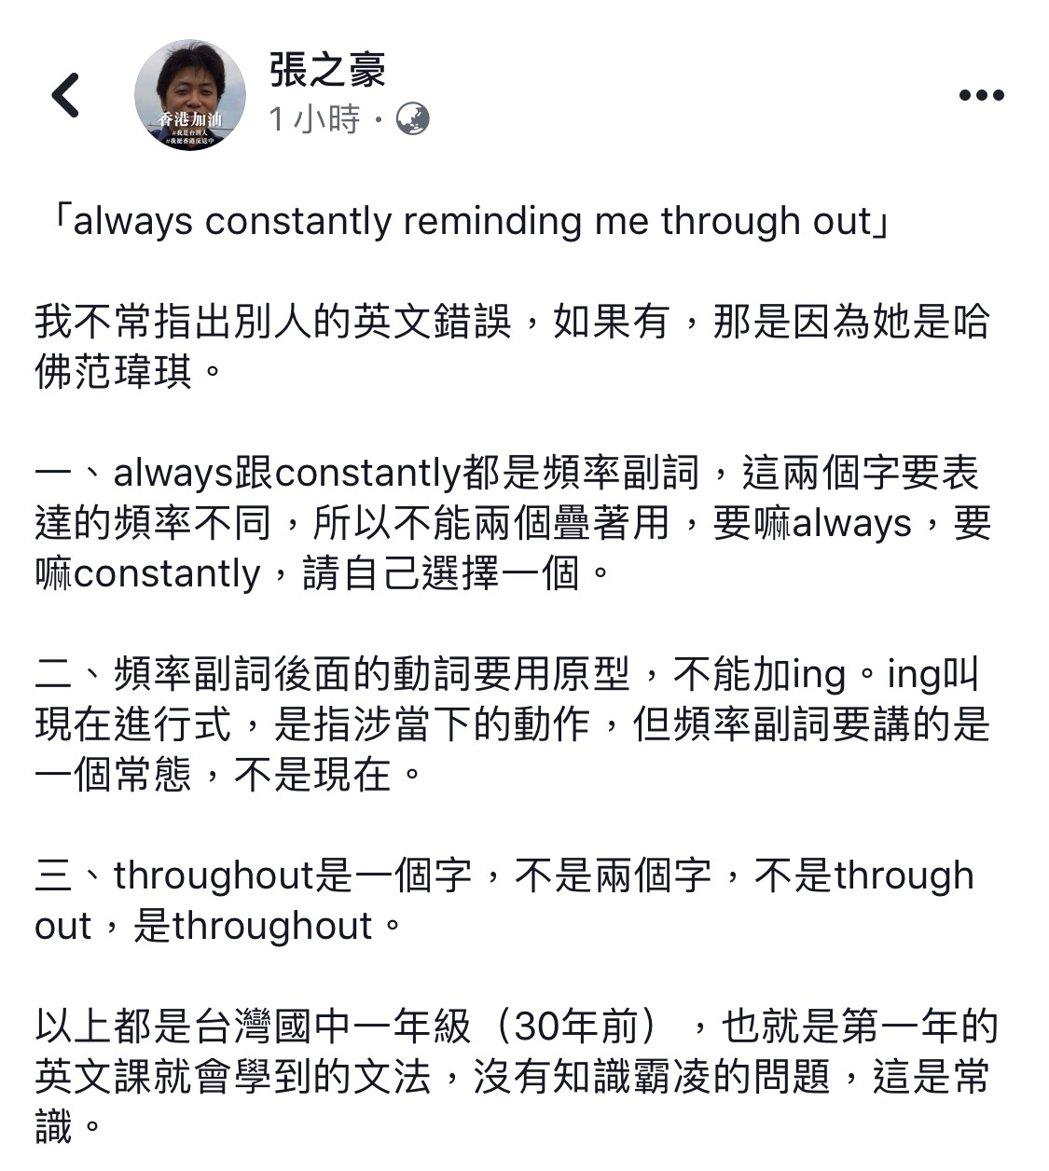 張之豪在臉書發文點出范范的英文文法錯誤百出。圖/摘自臉書